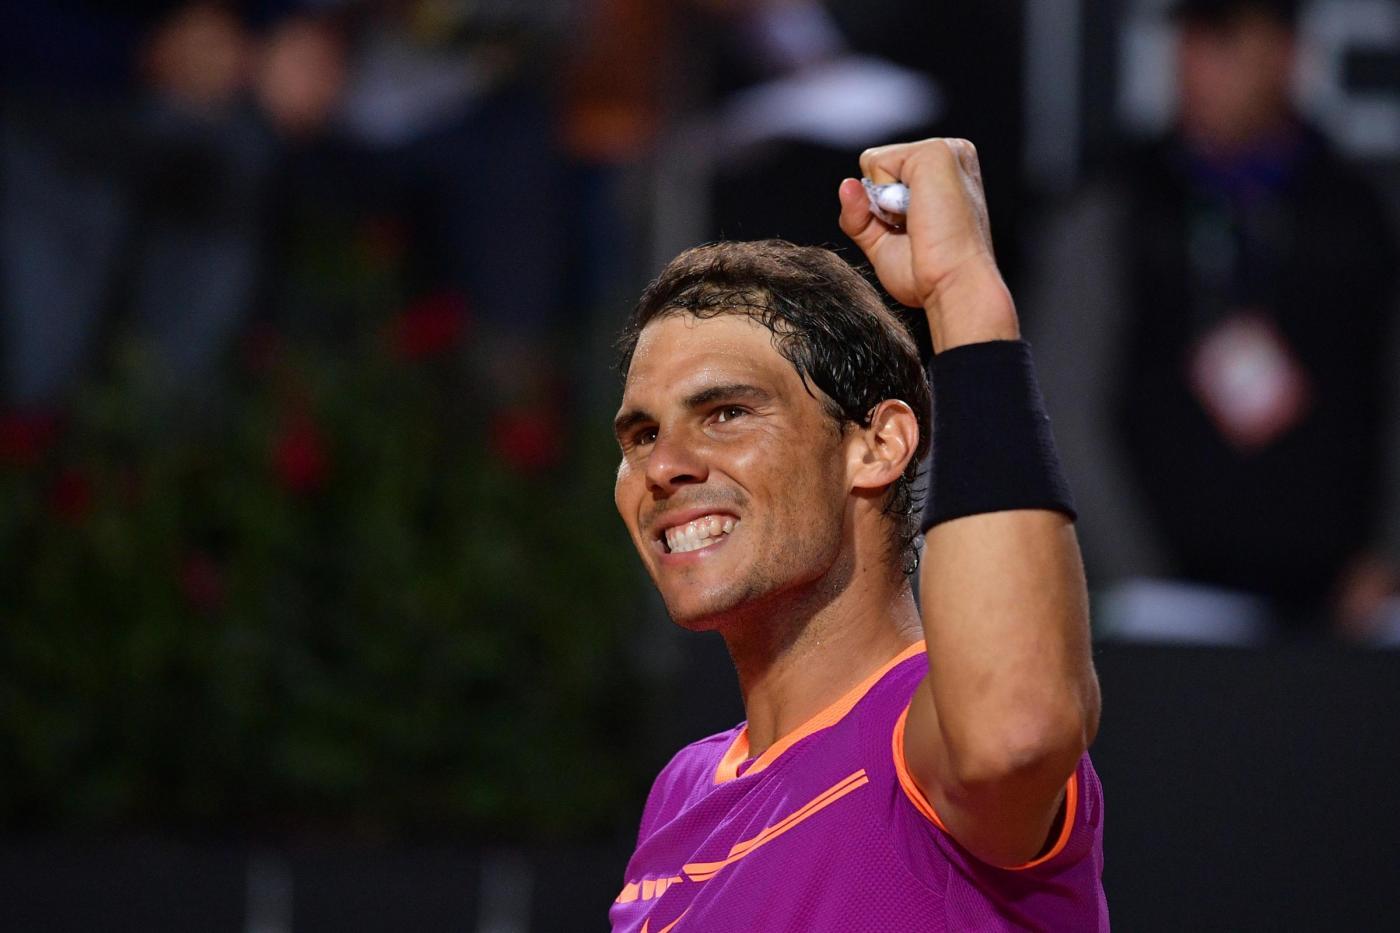 Roma, Nadal e Djokovic volano ai quarti